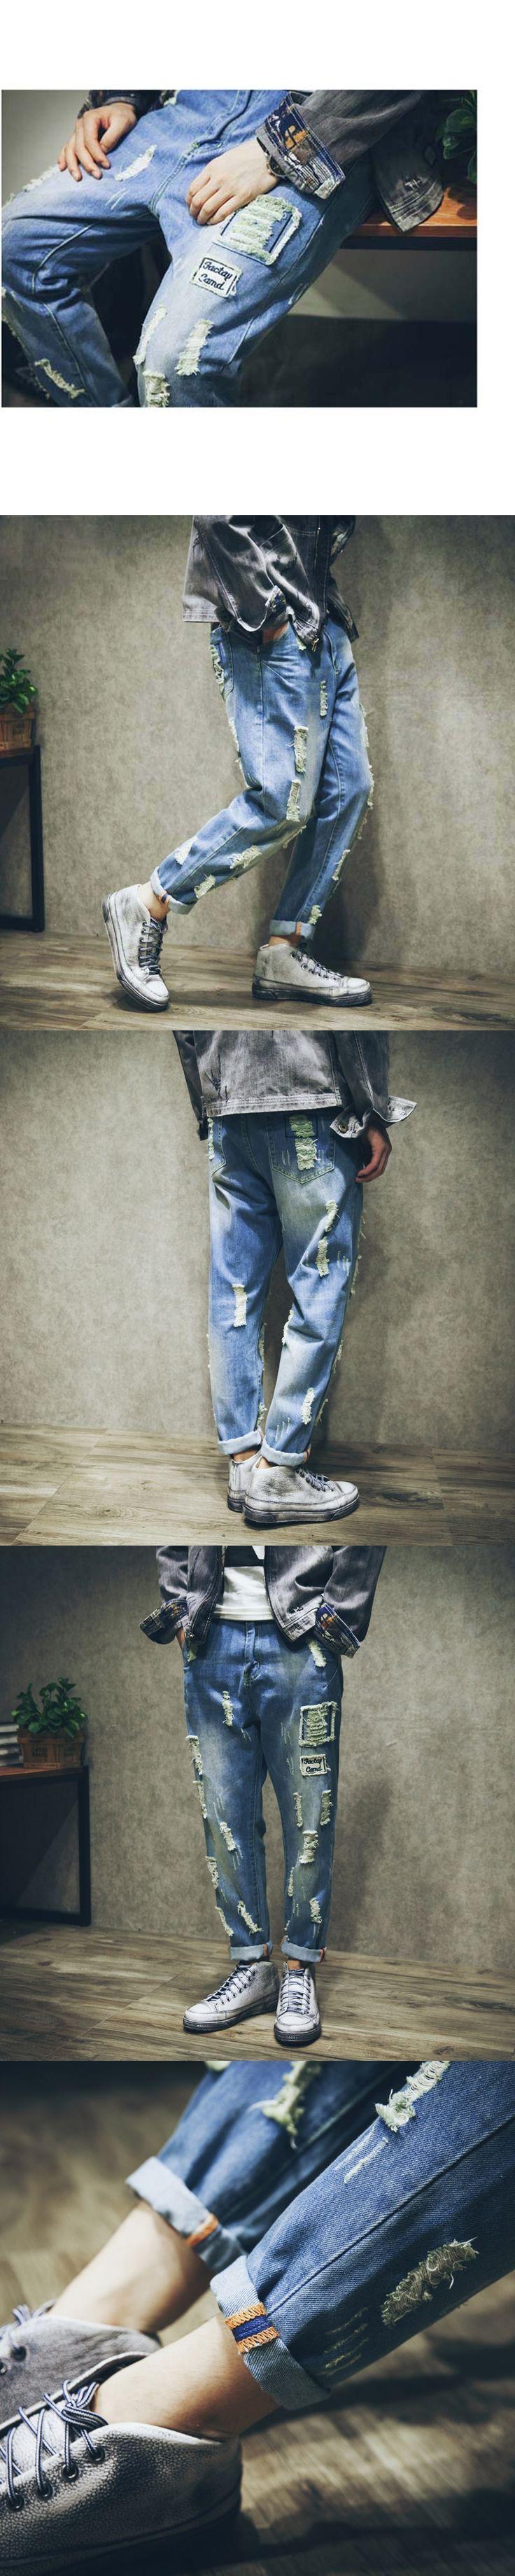 Casual Ripped Jeans For Men Drop crotch Denim Sweatpants Hip Hop Cotton Loose Harem Jeans Plus Size Joggers Trousers 051107